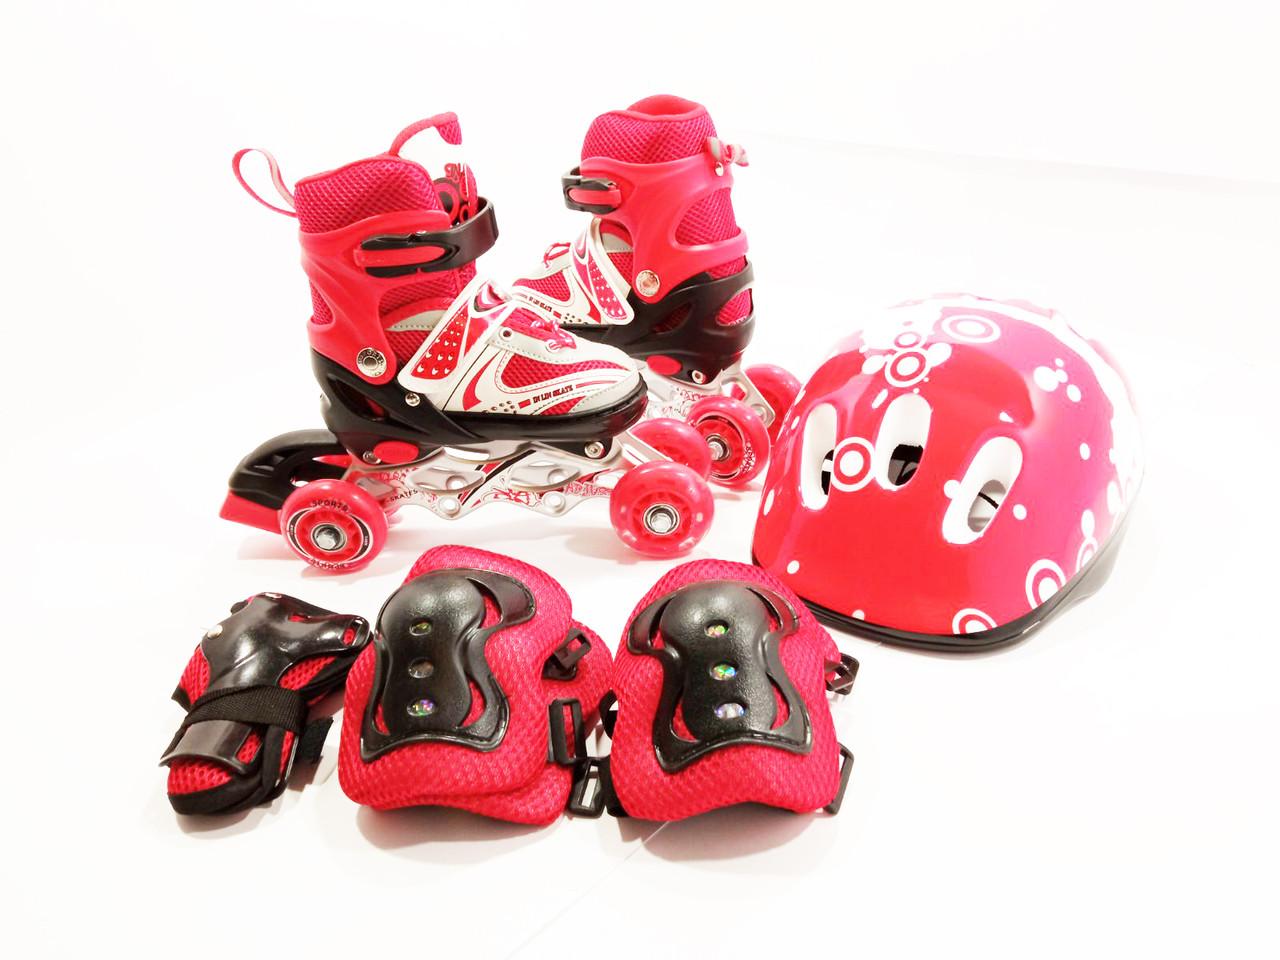 Детские ролики для начинающих квады +Шлем +Защита размер 29-33 и  34-37  LikeStar (2в1) красный цвет Y1